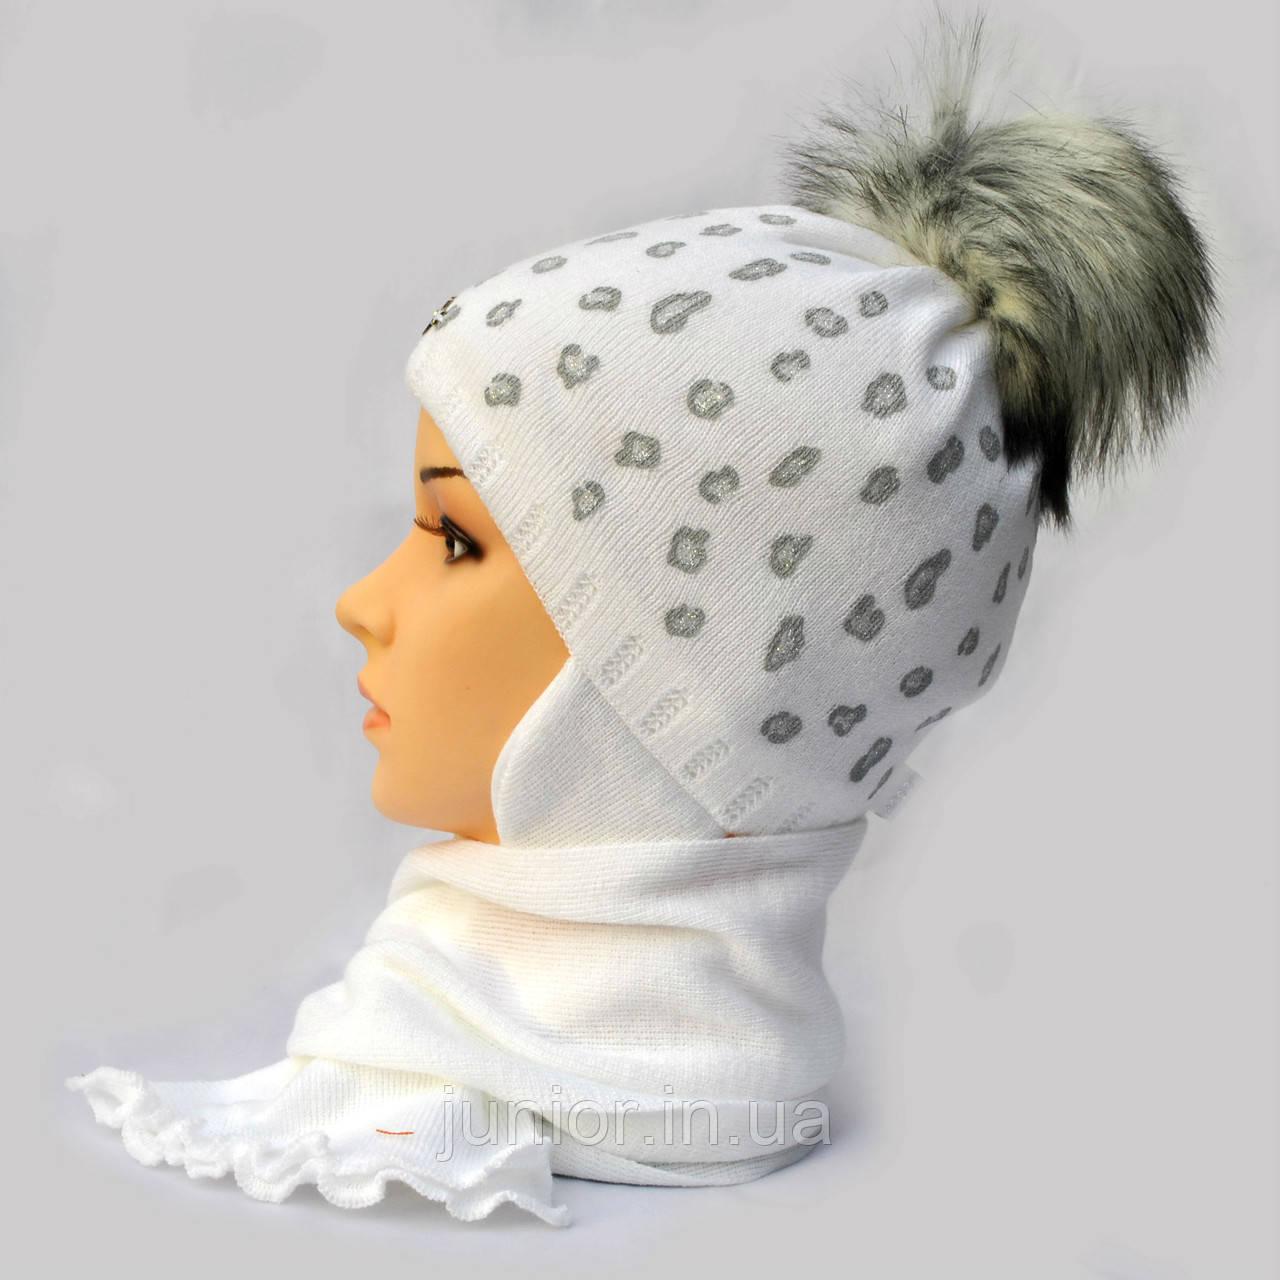 Зимовий комплект для дівчинки з хутряним помпоном.Agbo (Польща).